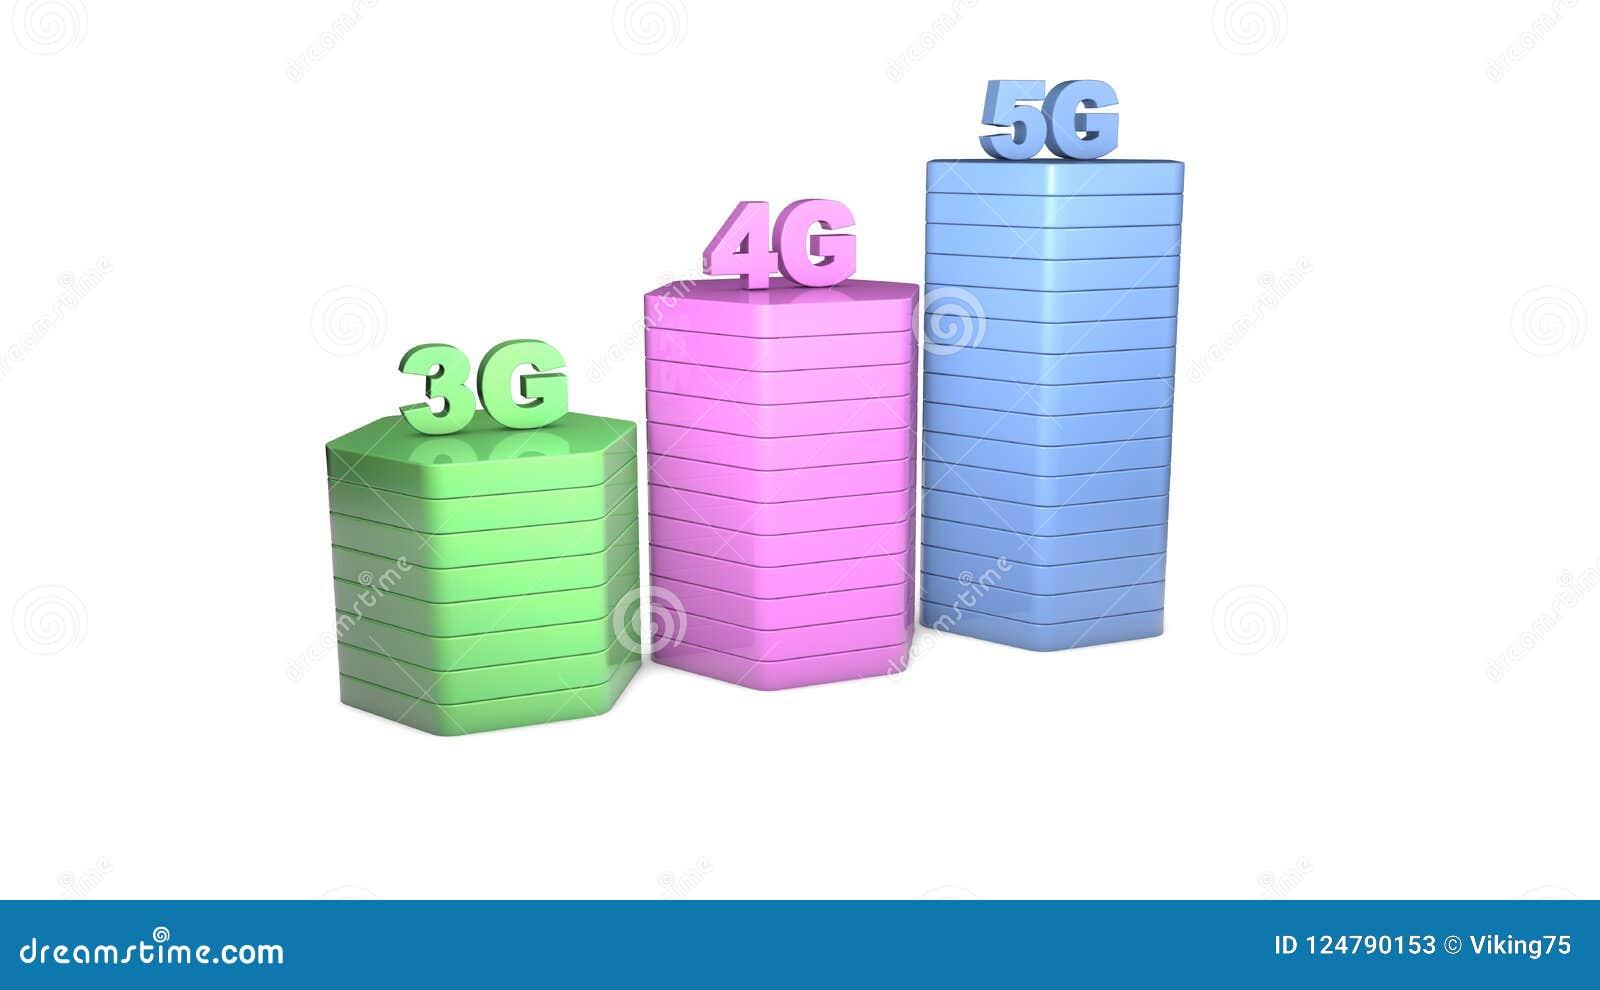 3g, 4g, 5g Wireless Network Speed Evolution Stock